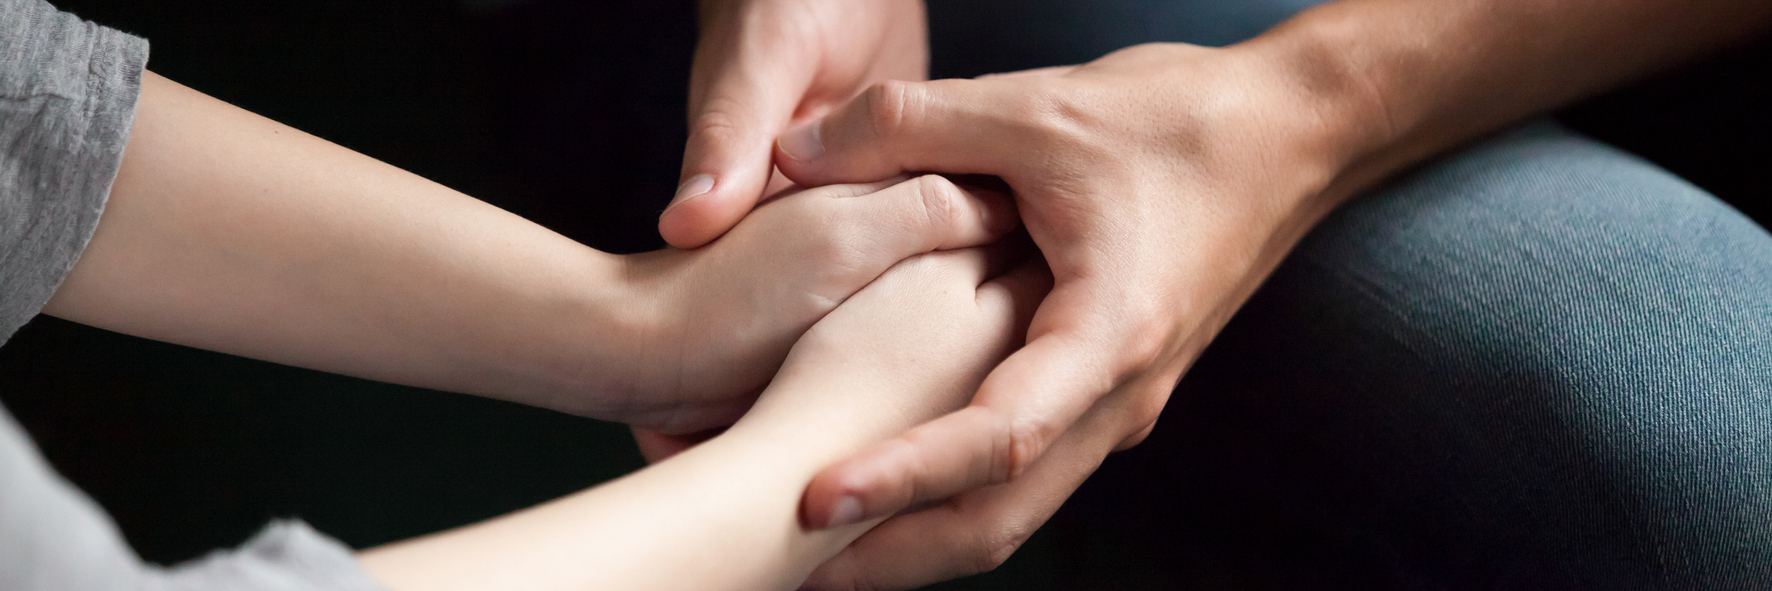 Tratamento Drogas: qual o papel da clínica de reabilitação?